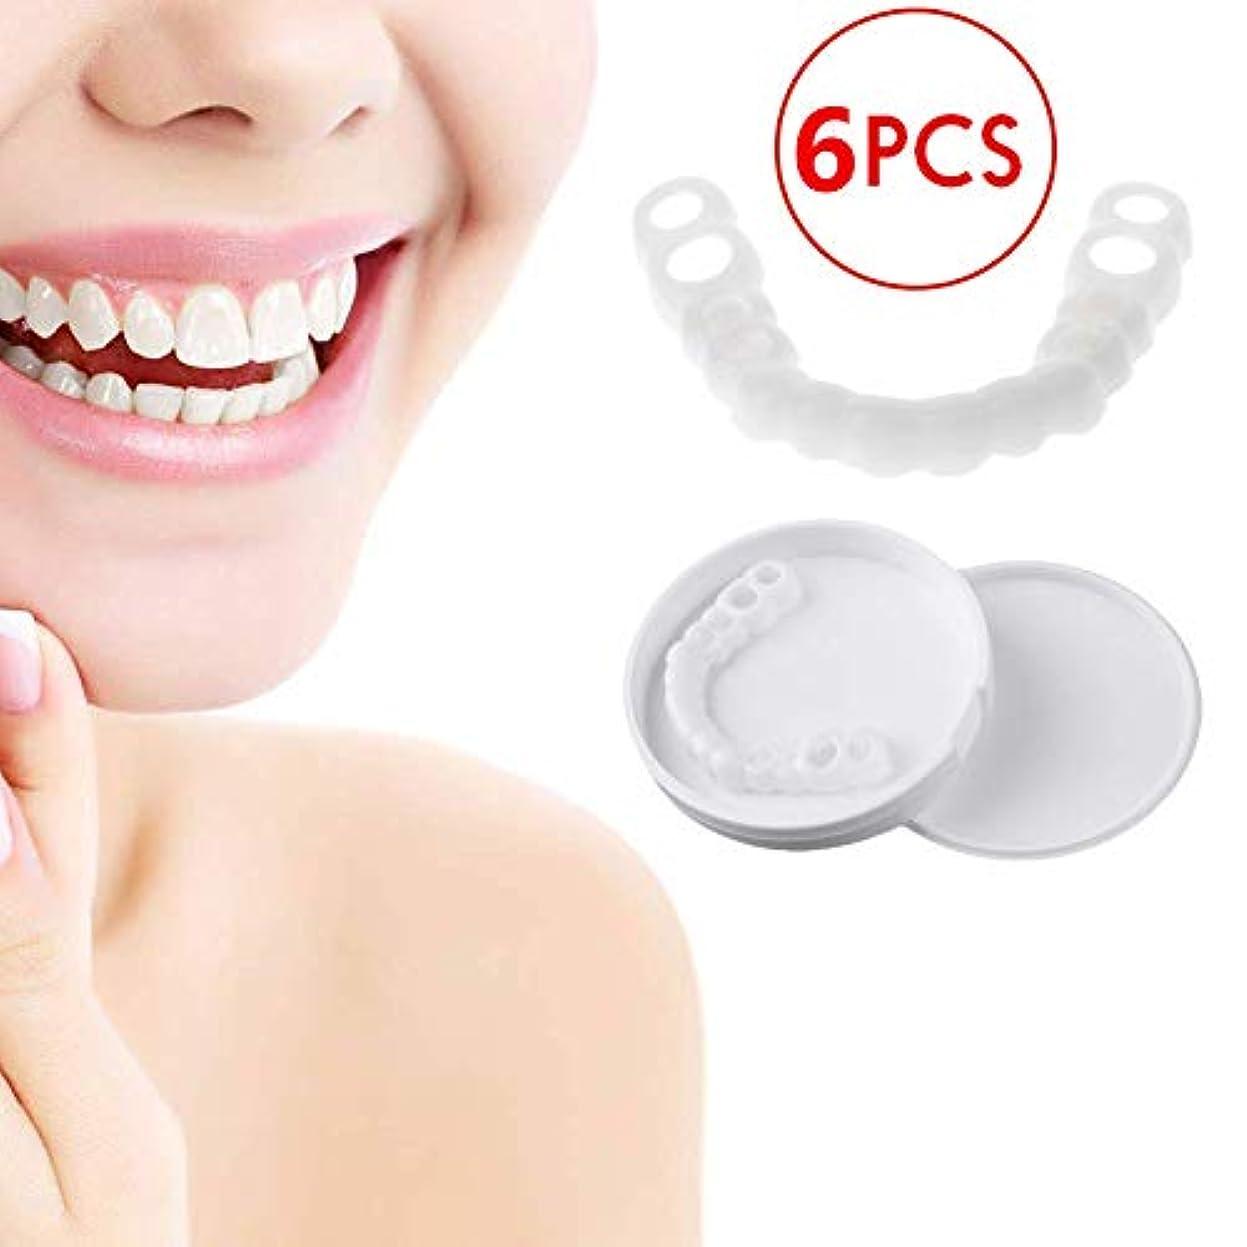 6ペアの一時的な歯のホワイトニング、変装した曲がった/ステンド/欠落したギャップのある歯のカバー,6pcsupperteeth